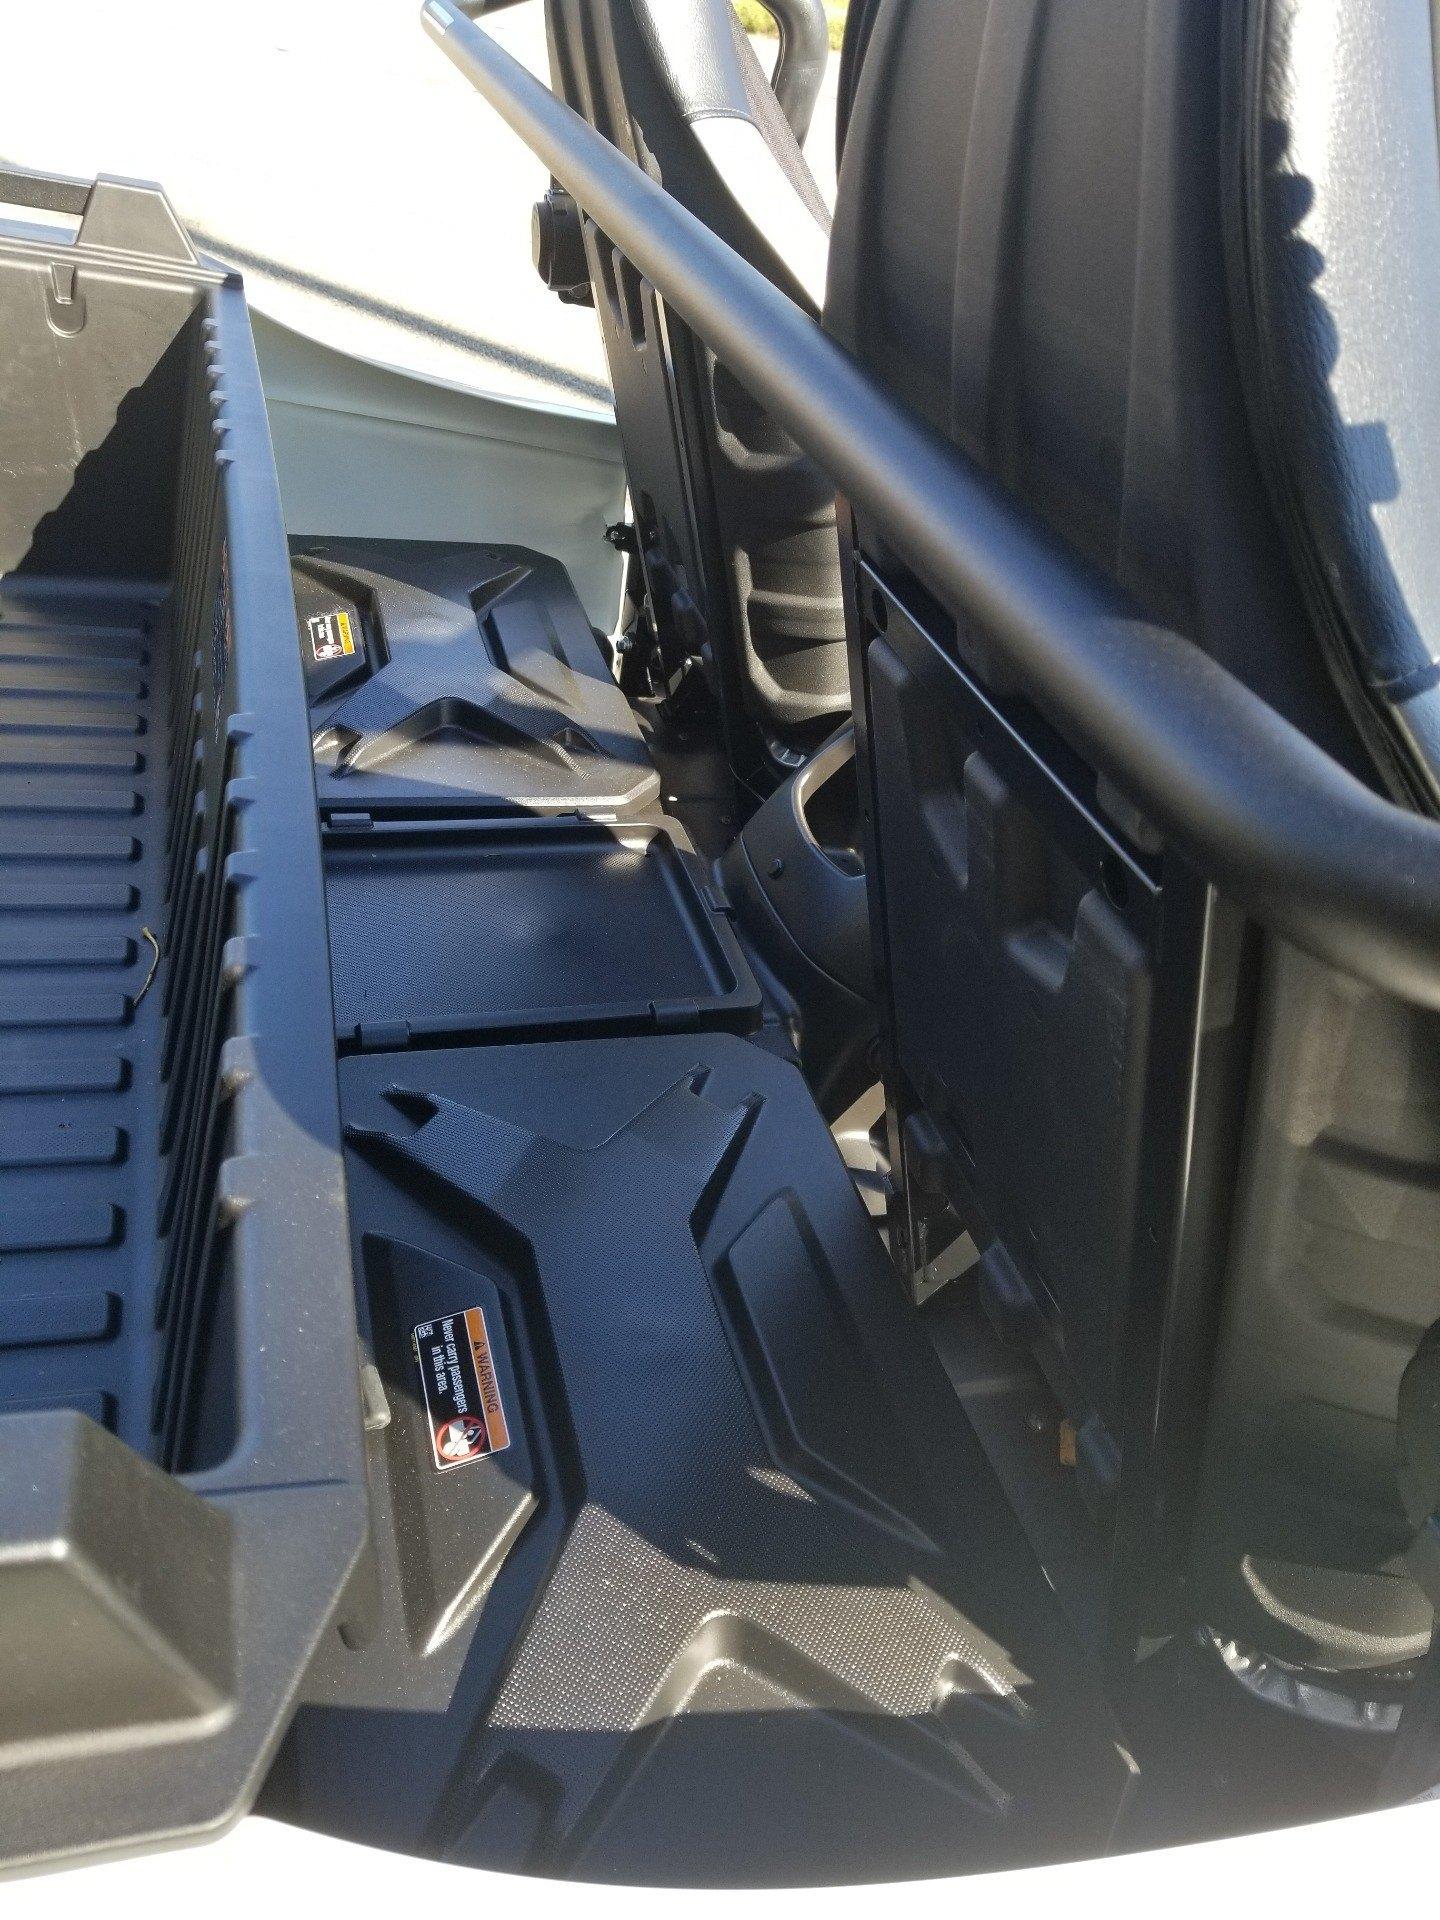 2018 Kawasaki Teryx 6